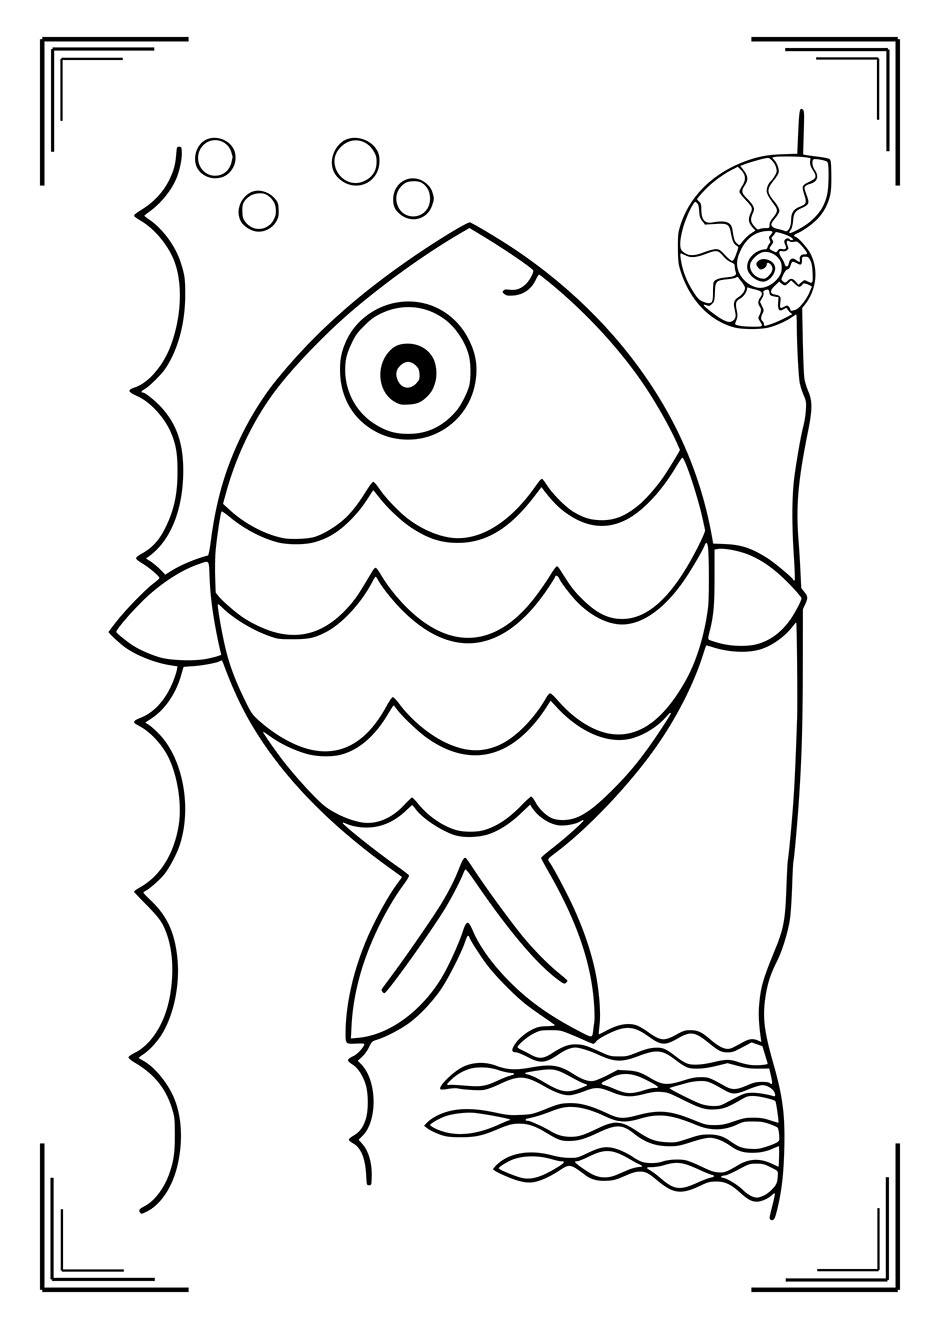 Раскраска: рыбка в воде — raskraski-a4.ru